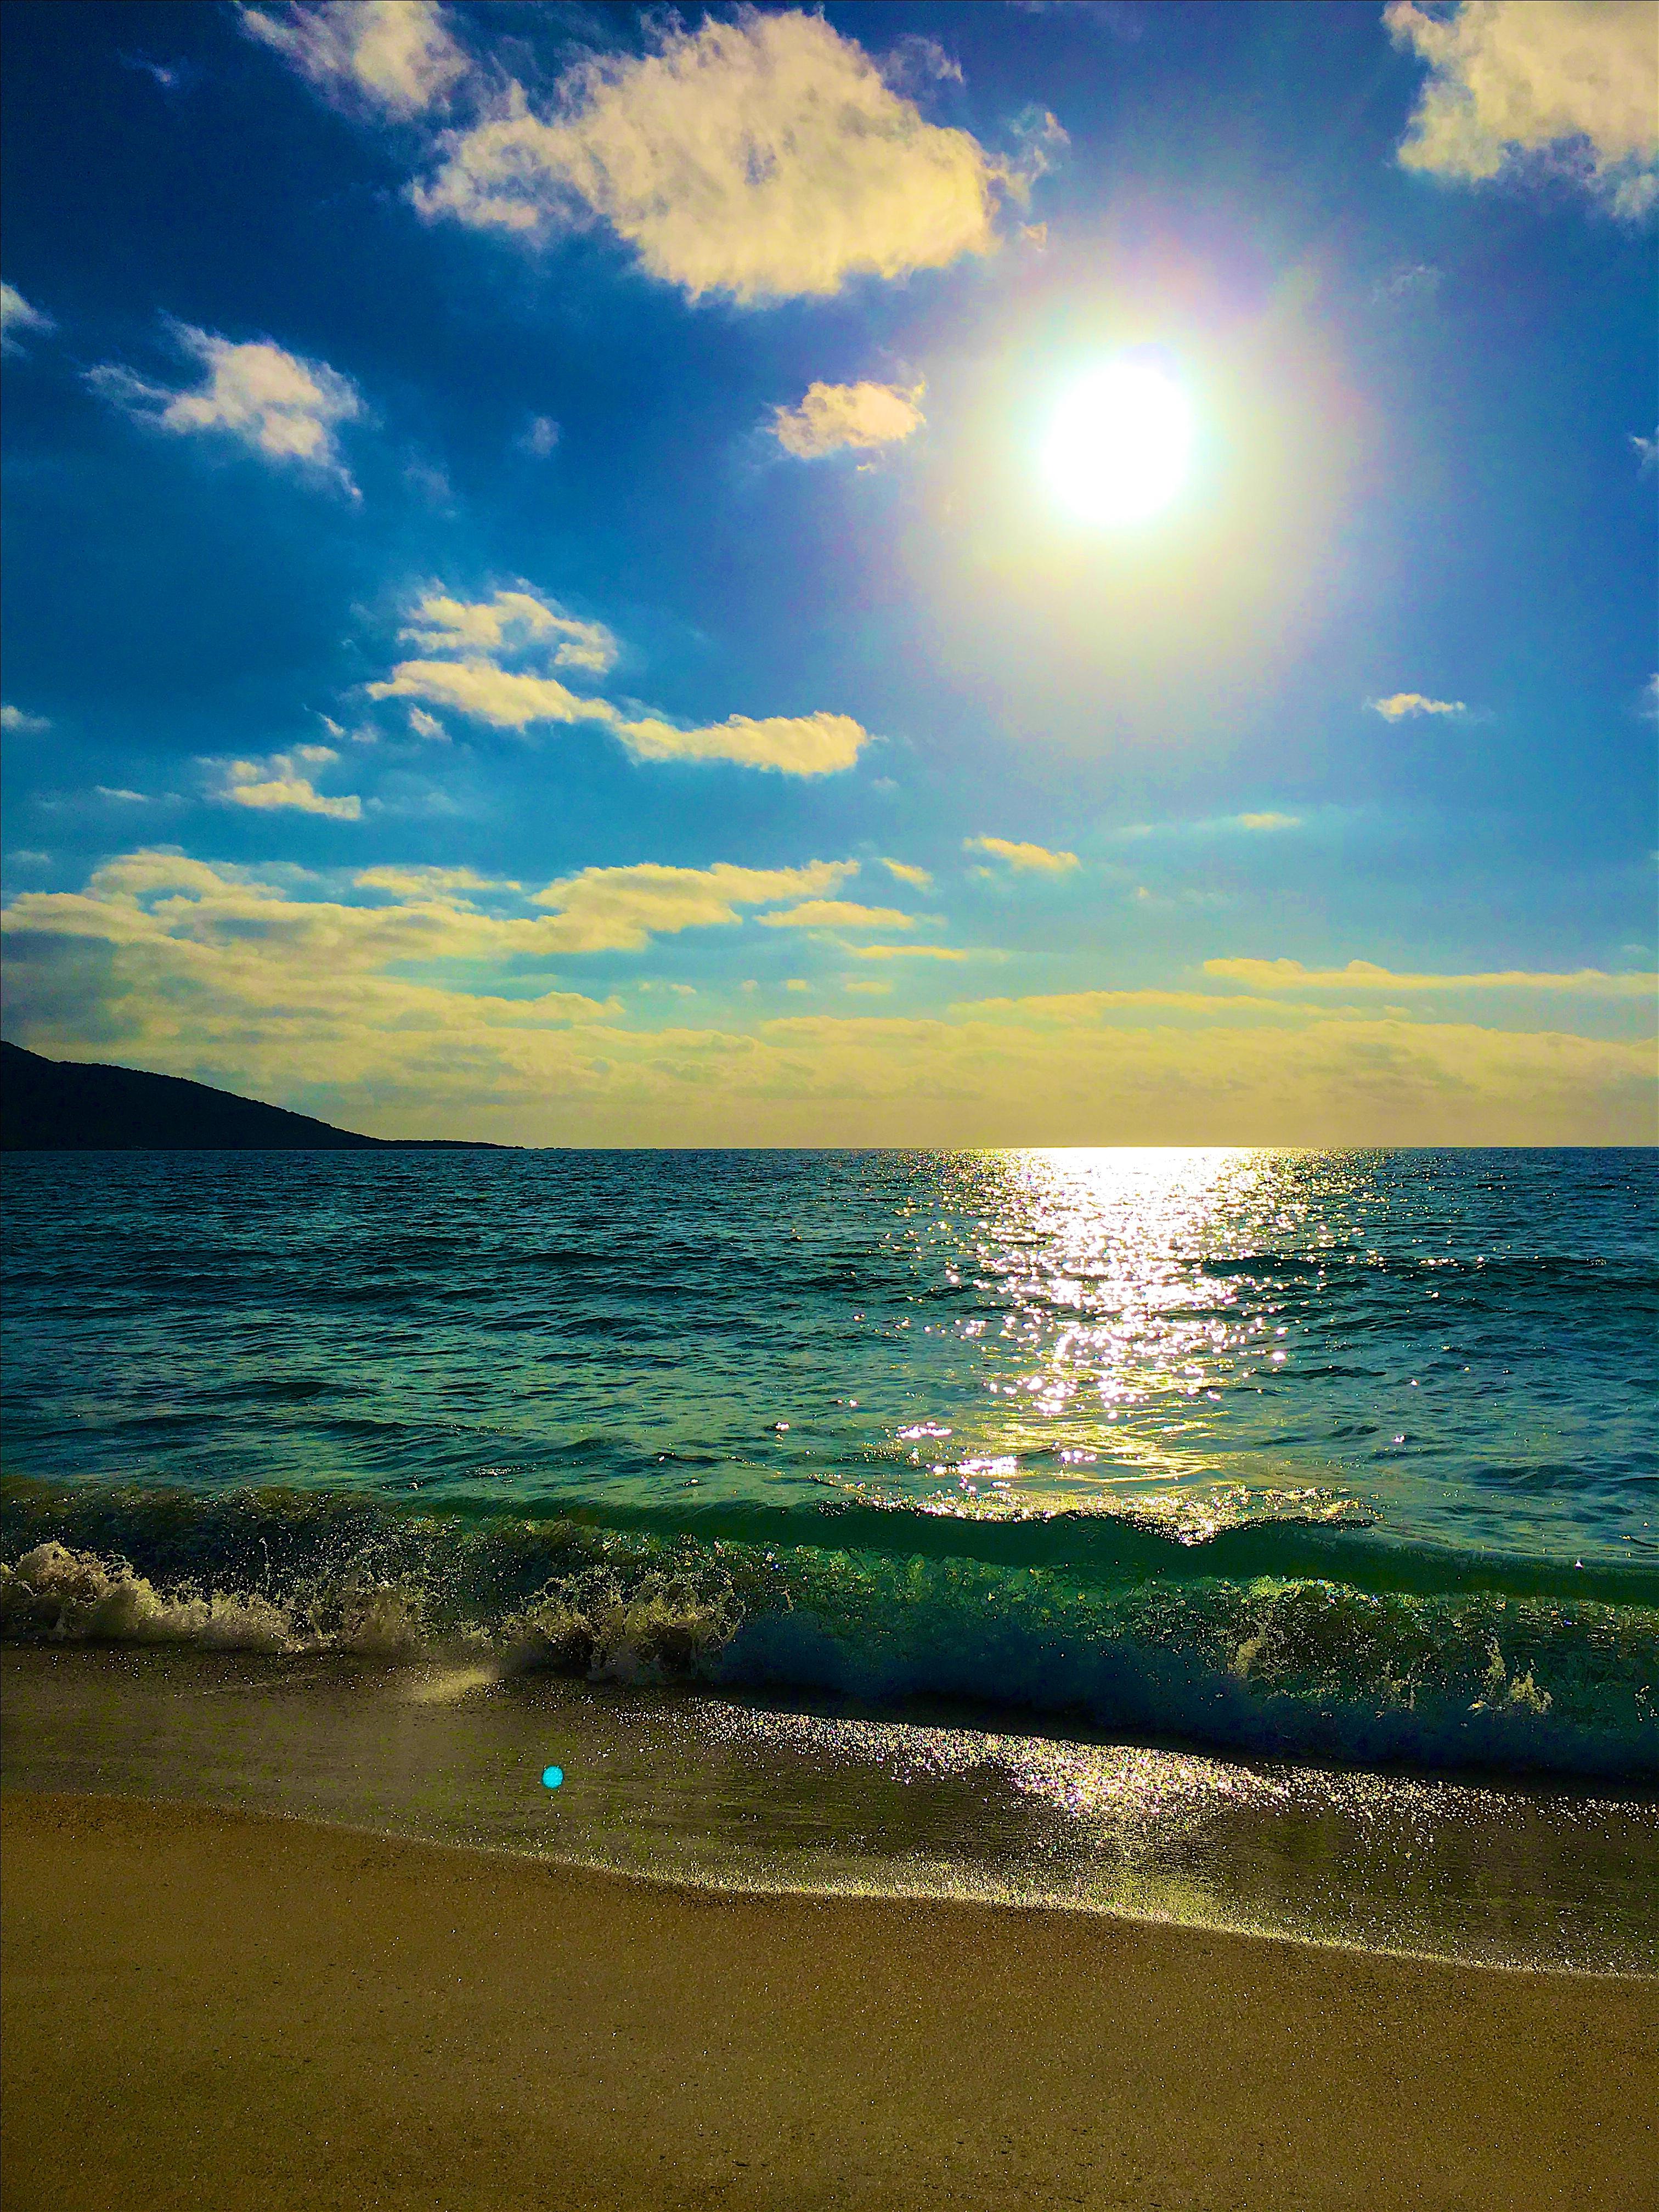 Sfondi Luce Del Sole Tramonto Mare Baia Puntellare Sabbia